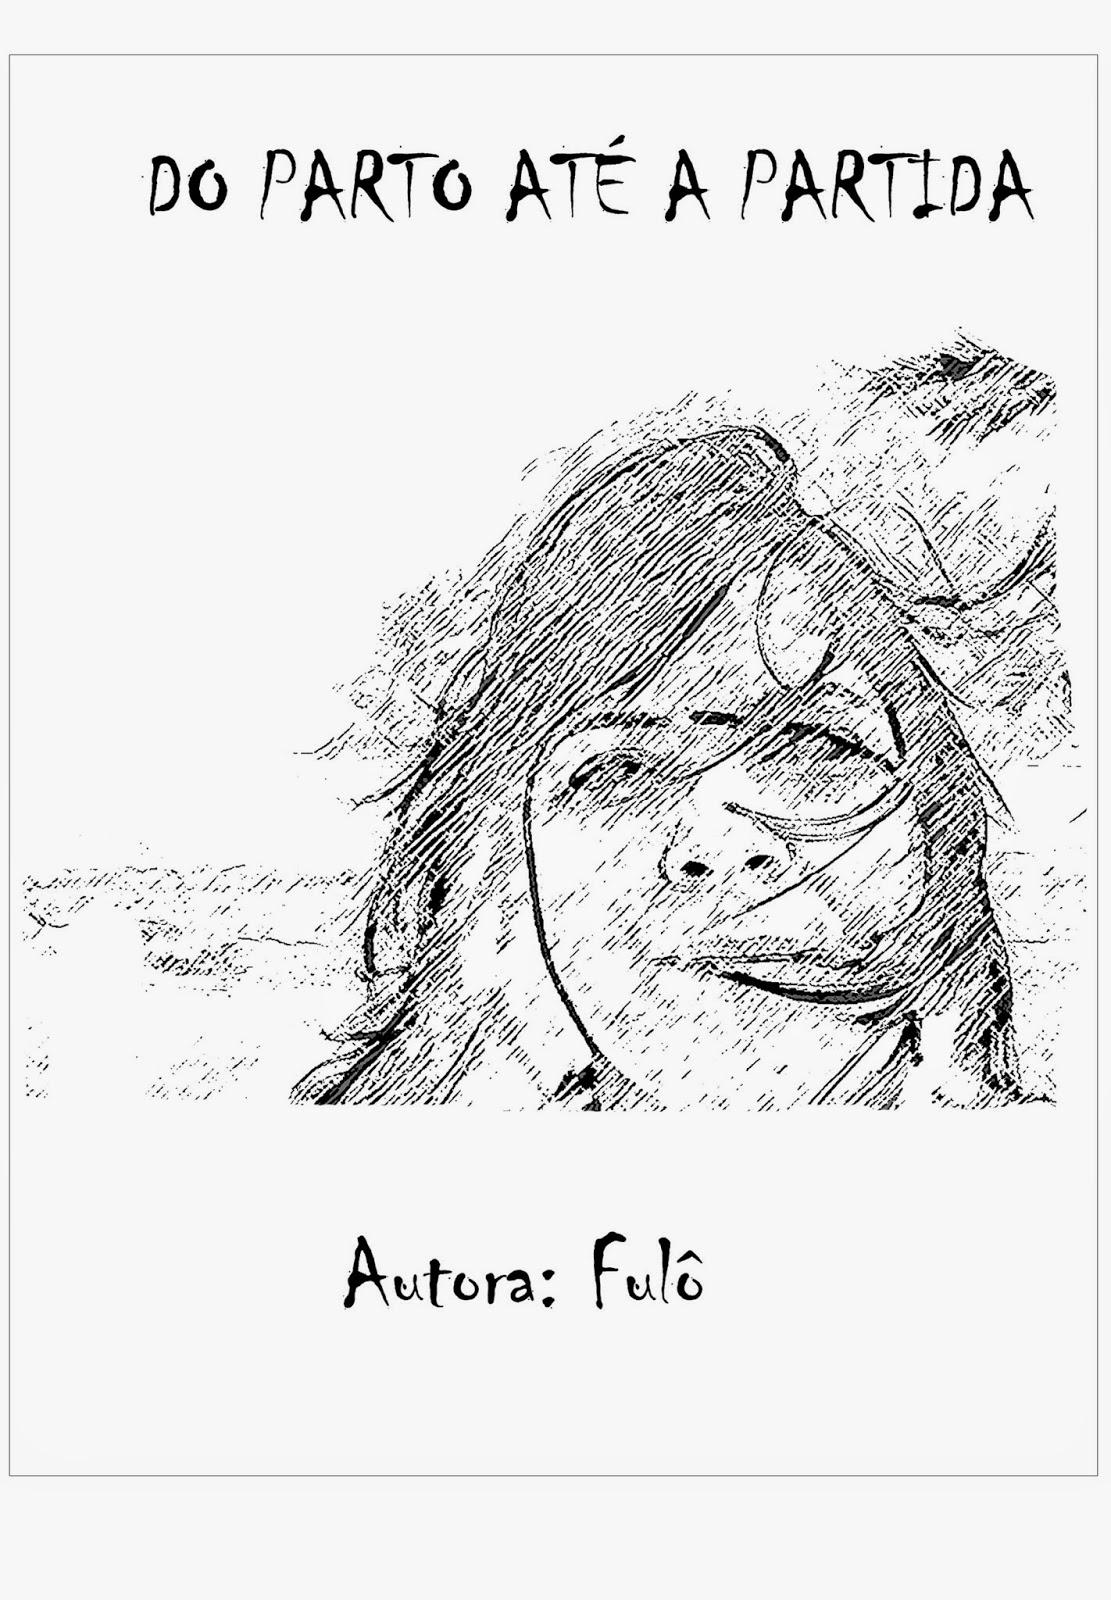 Imagem de gravura em preto e branco da Capa de um folheto de Cordel. No centro de frente o rosto de uma mulher com cabelos ao vento. Acima do rosto escrito em letras pretas, DO PARTO ATÉ A PARTIDA e abaixo escrito AUTORA FULO.